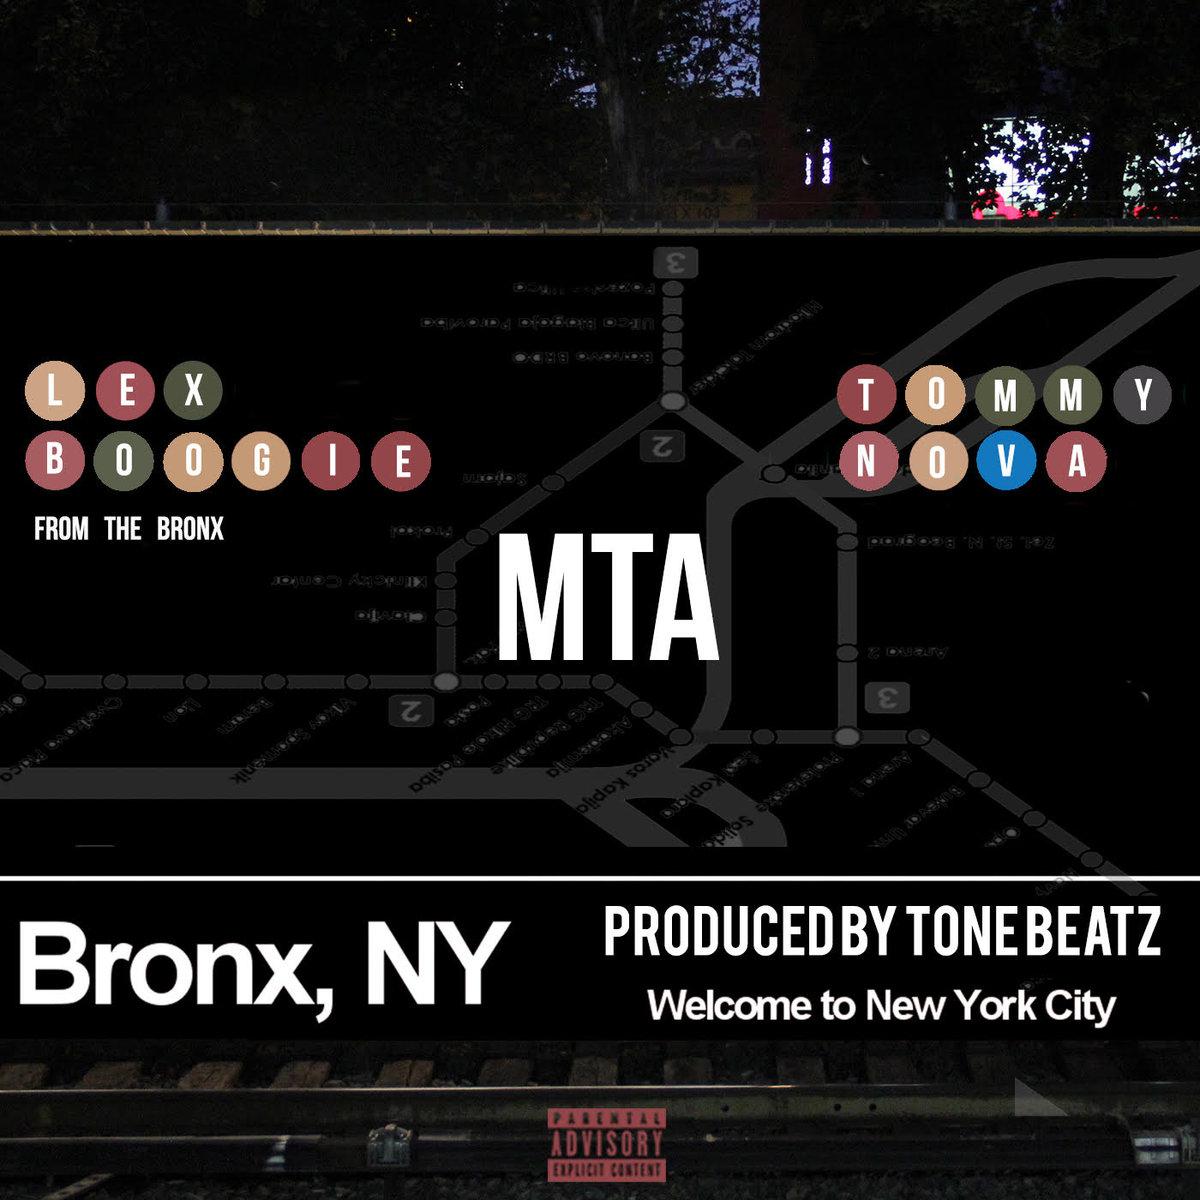 """Lex Boogie From The Bronx – """"MTA"""" (Men Talk Assets) feat"""